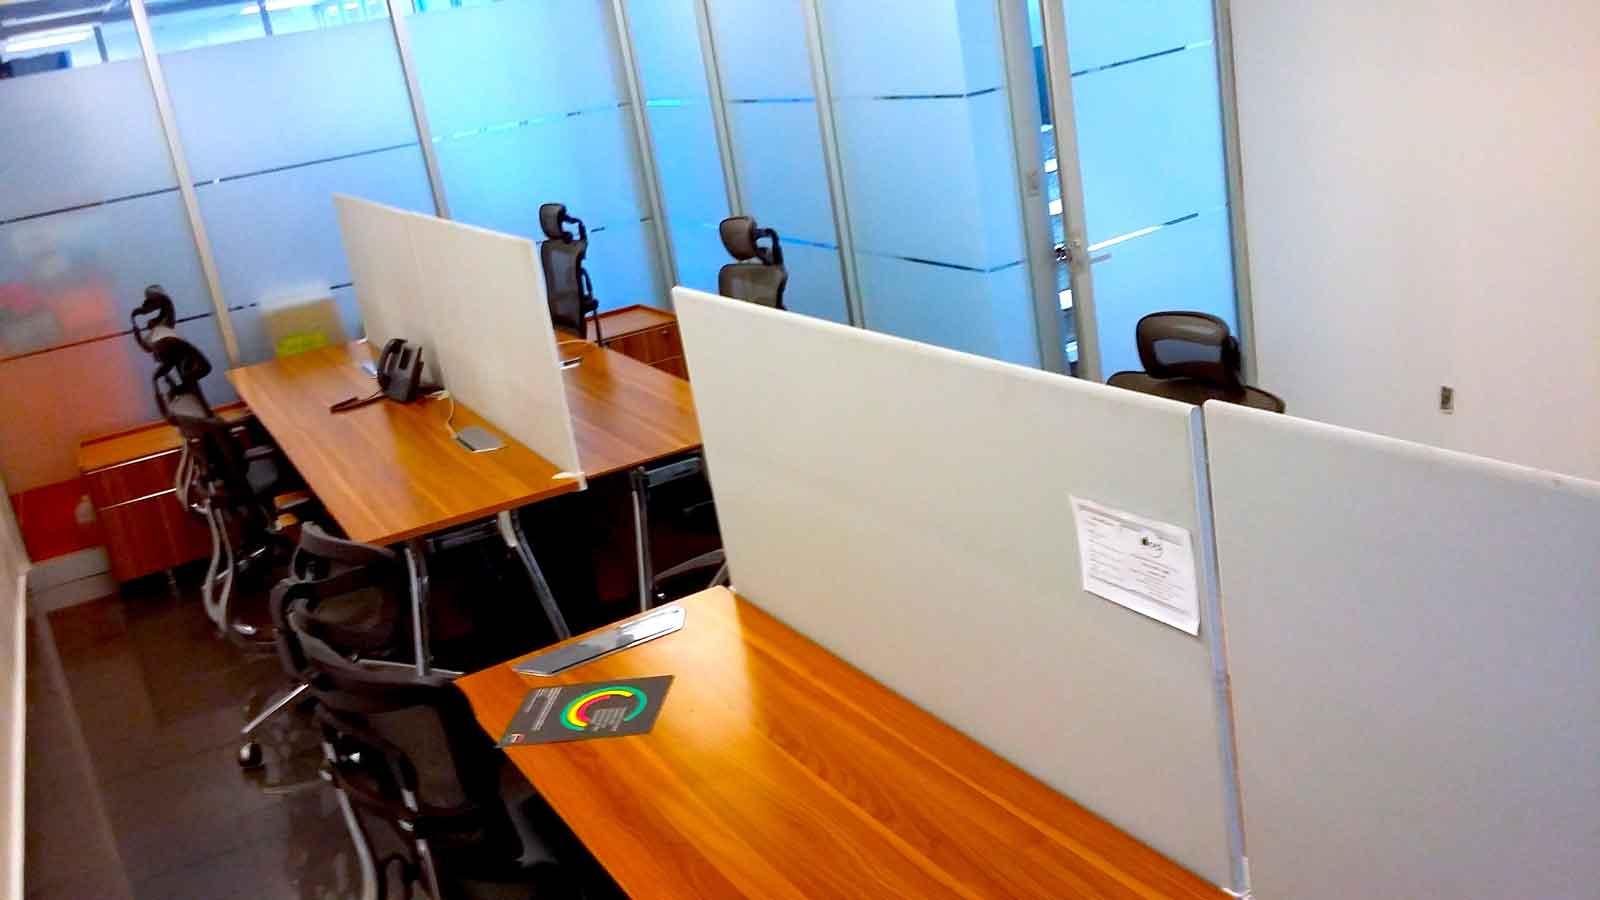 Oficinas modernas para sus negocios, coworking y reuniones corporativas